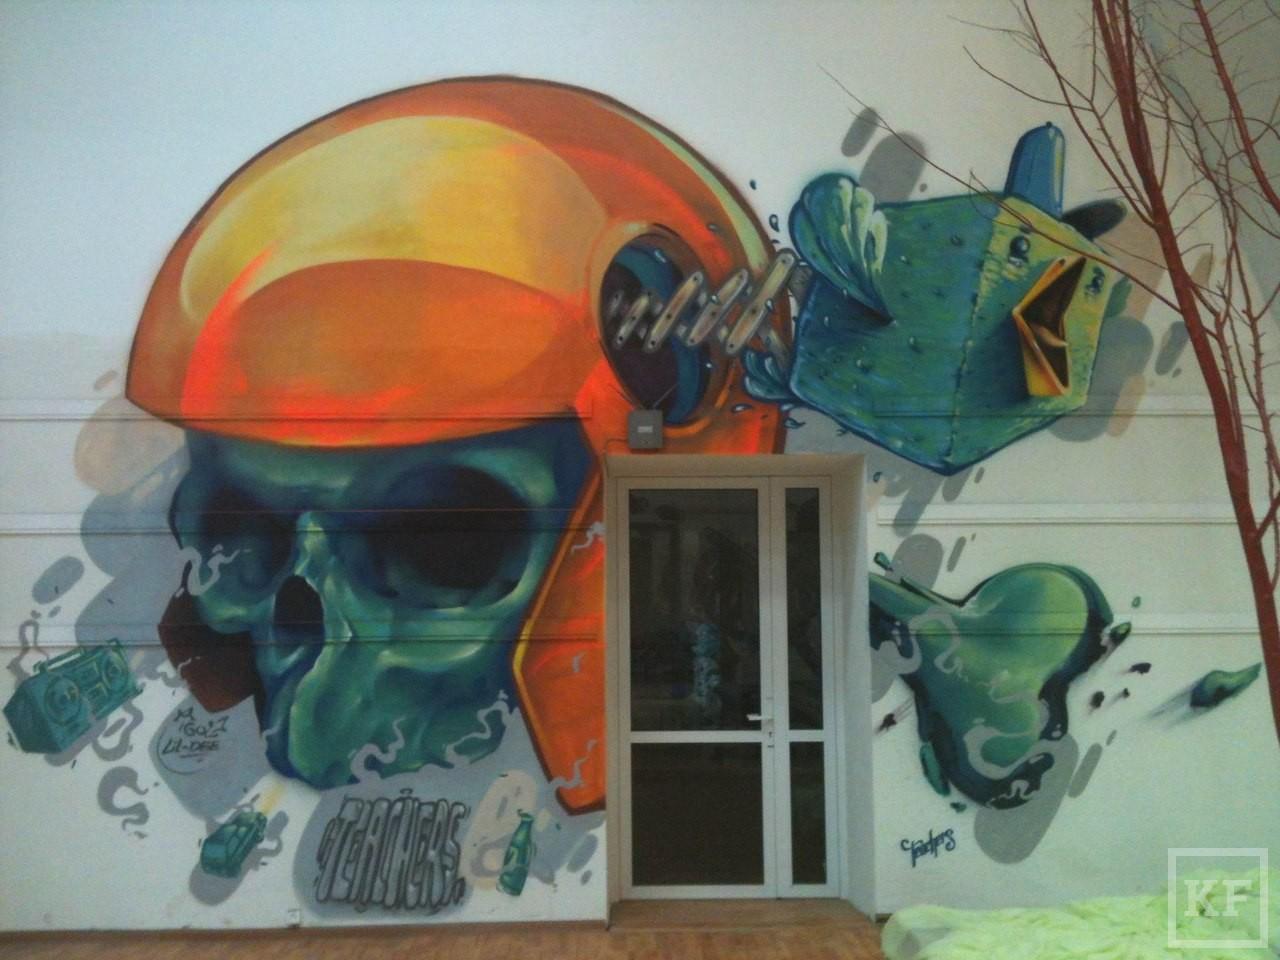 Дмитрий LIL-DEE Кудинов: «Если хочешь зарабатывать творчеством, про спокойную жизнь можешь забыть»